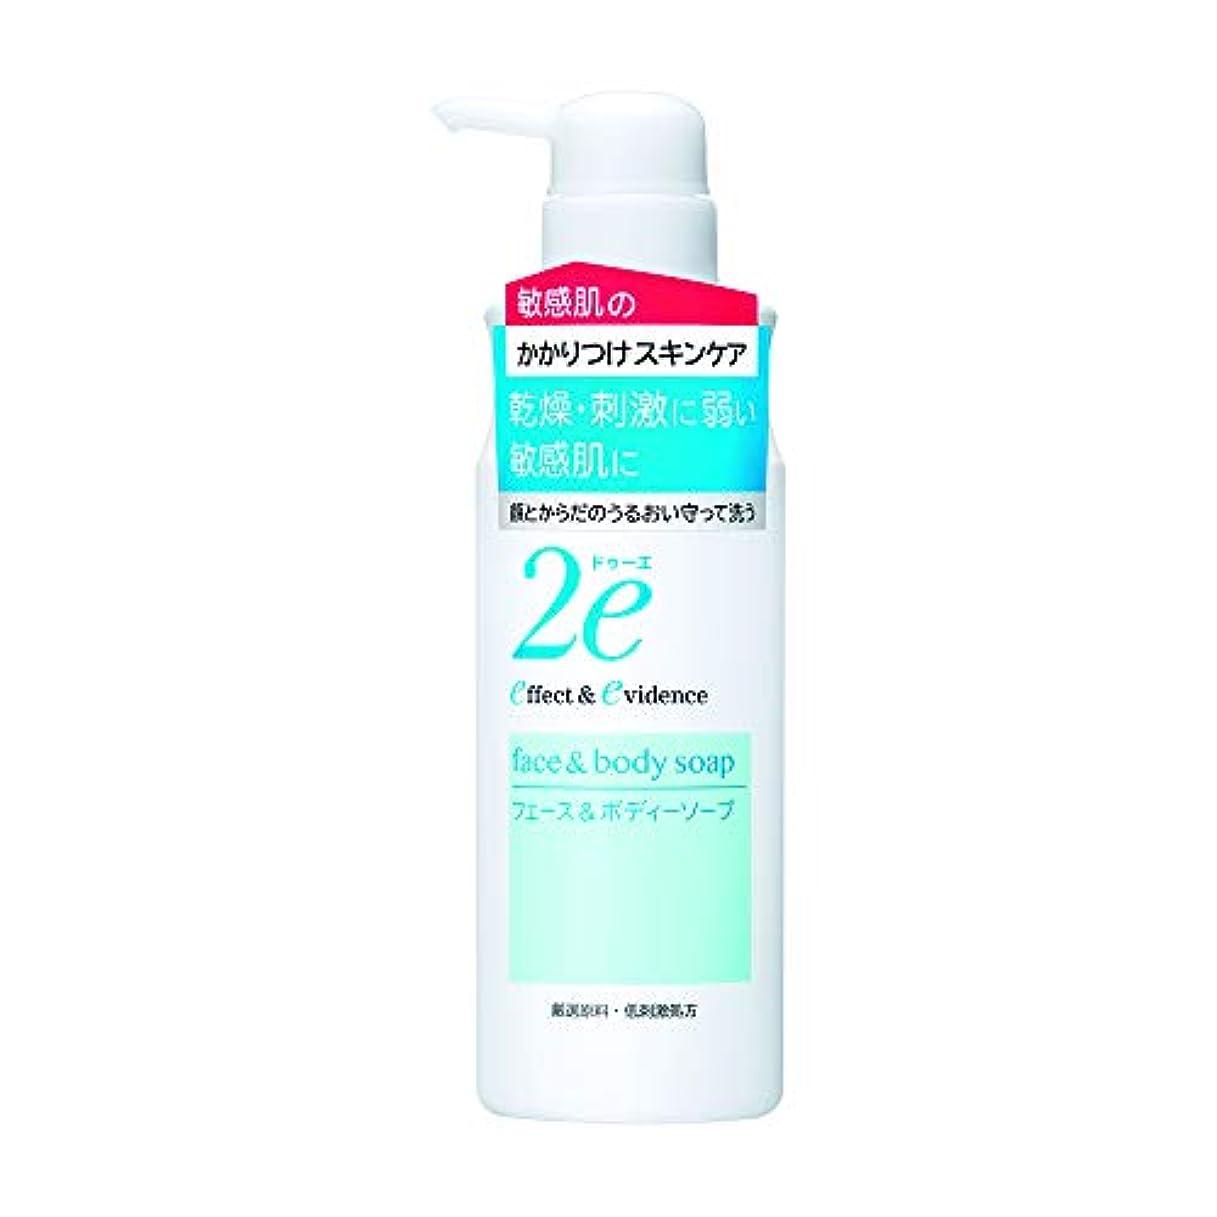 ヒープモッキンバード速い2e(ドゥーエ) フェース&ボディーソープ 敏感肌用洗浄料 低刺激処方 420ml ボディソープ